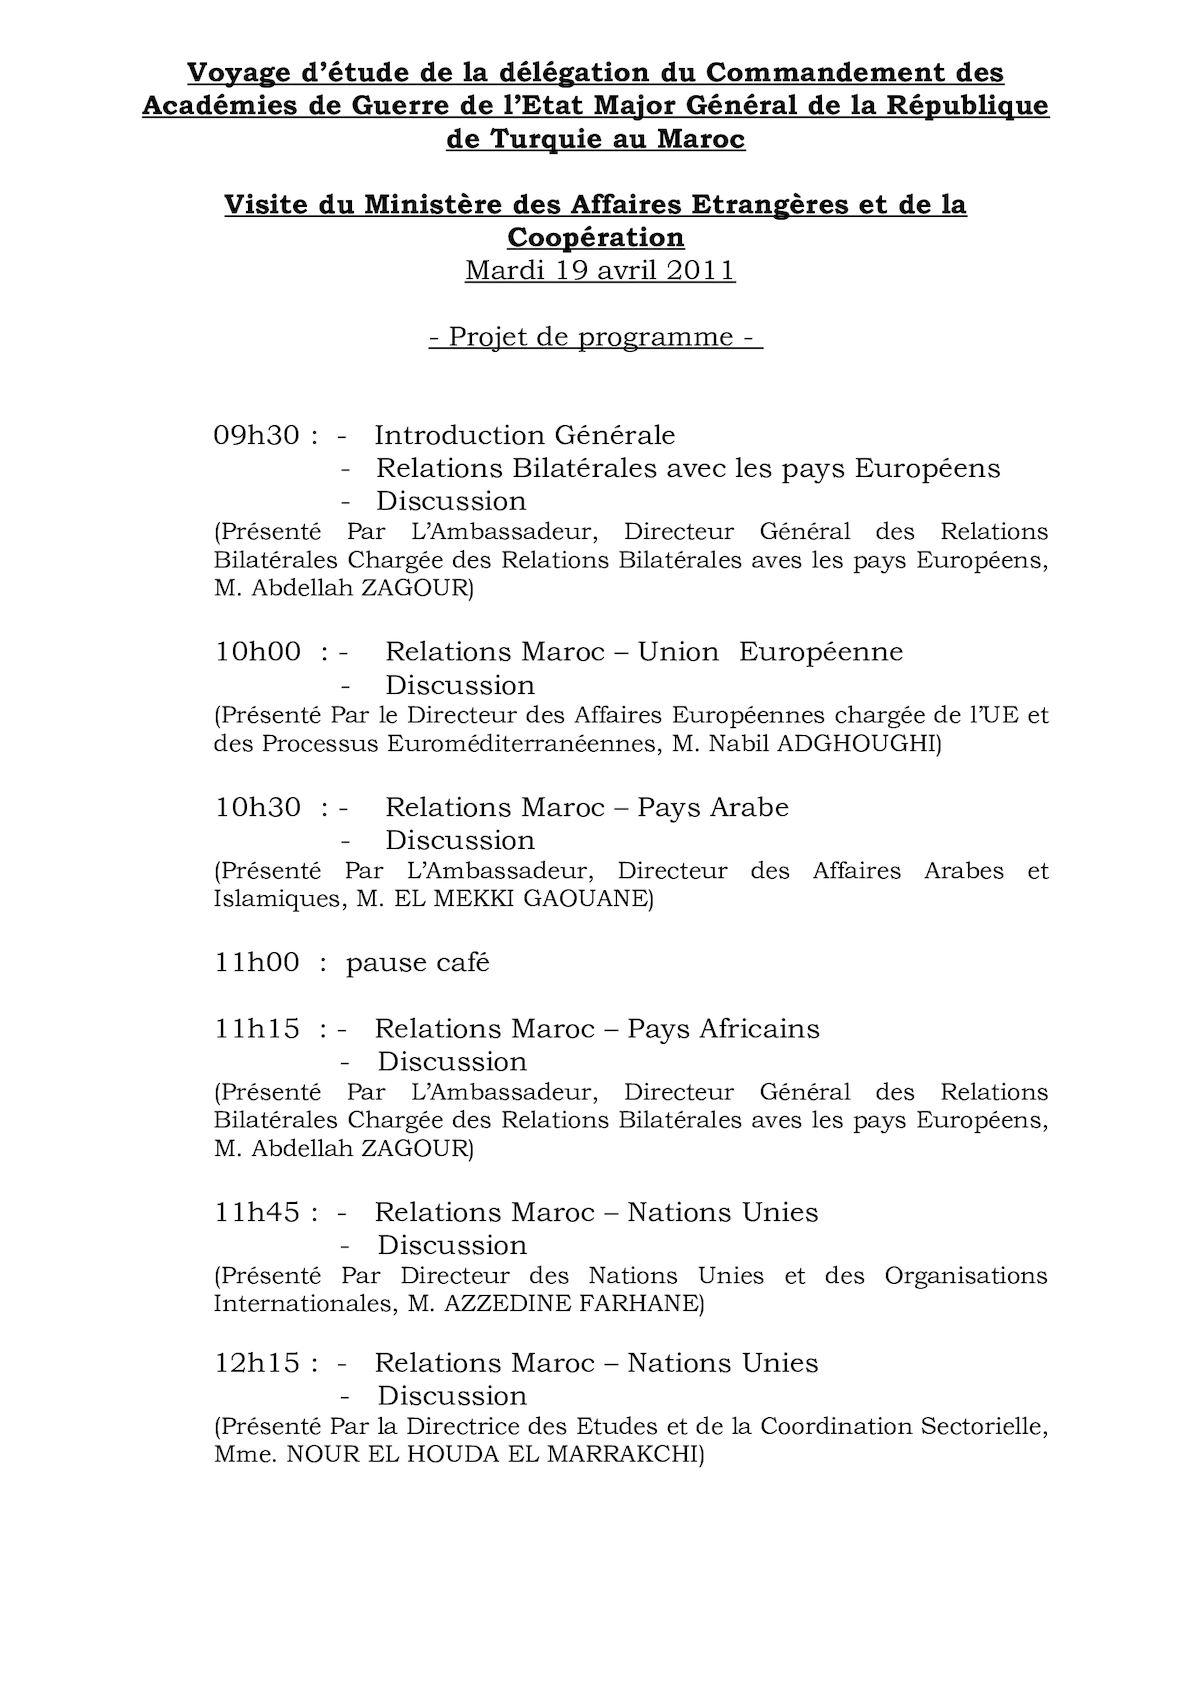 Visite Délegation Militaire Turque MAEC